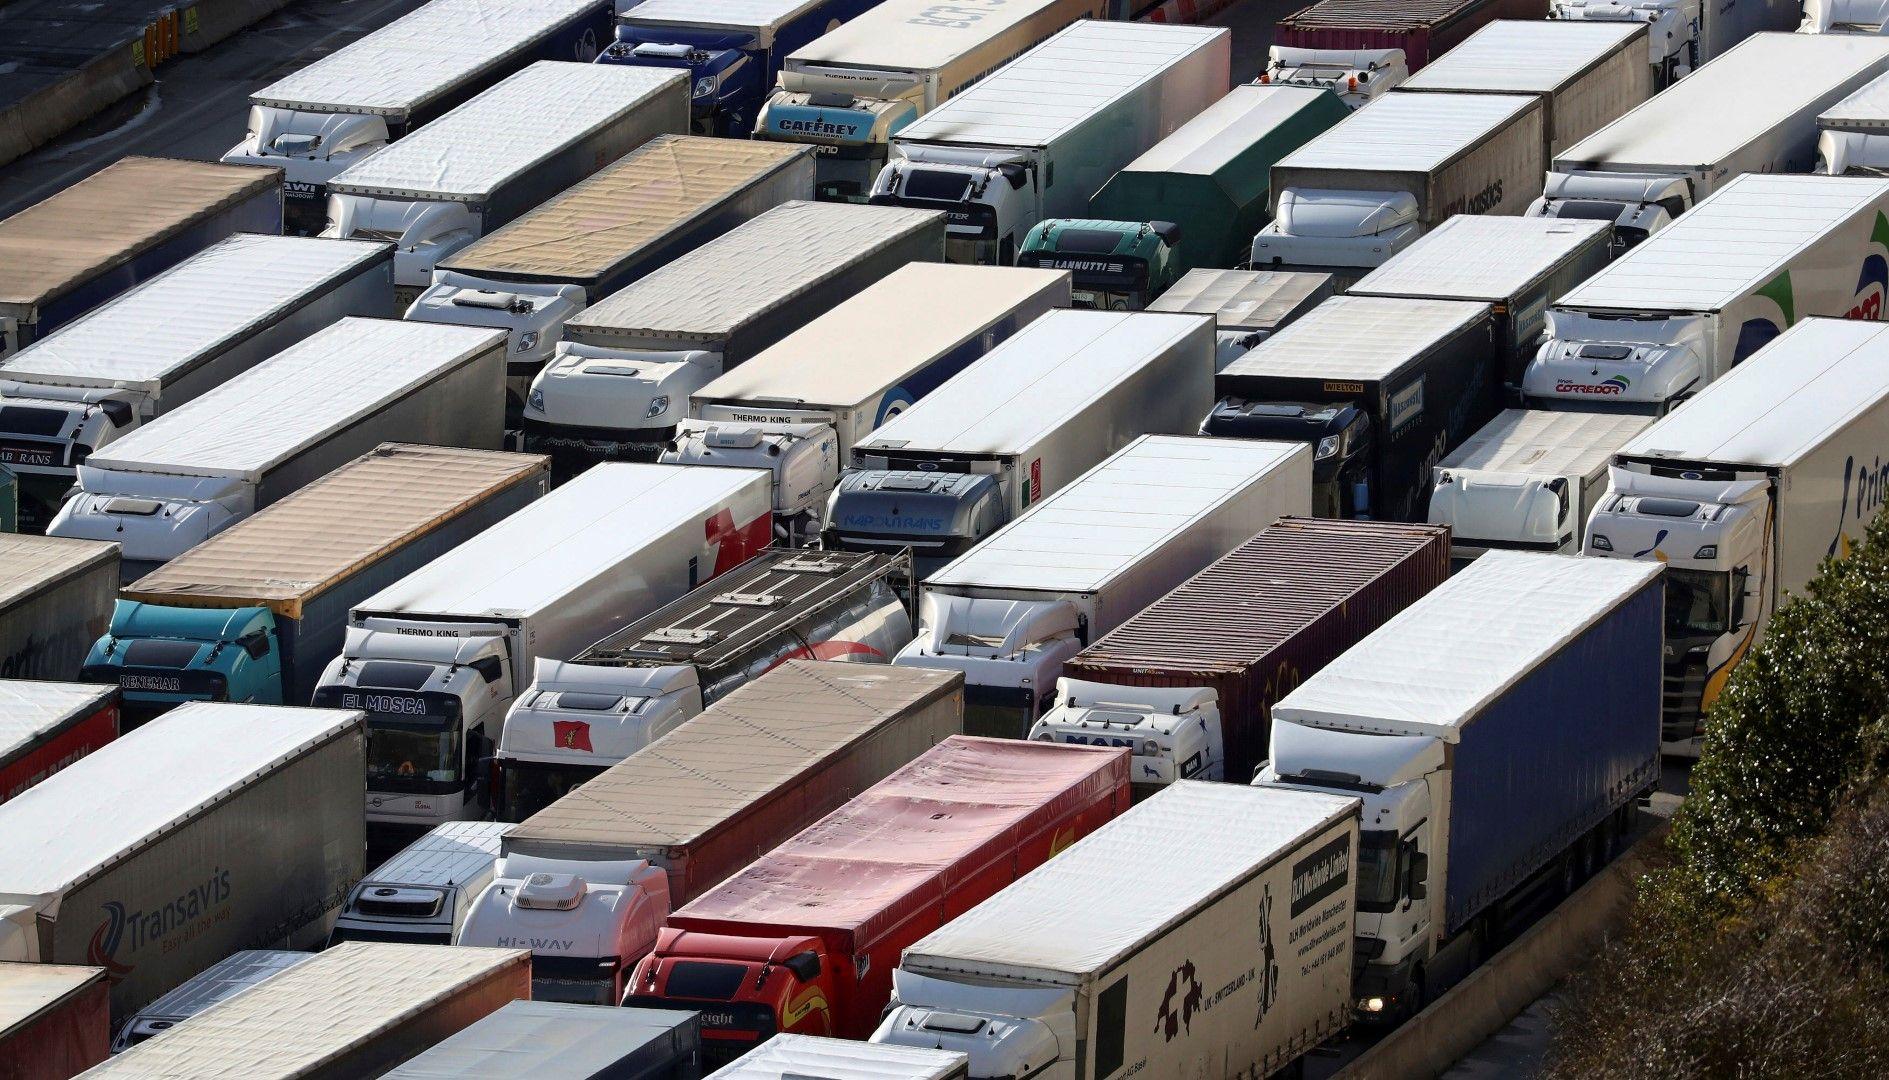 28 януари. Камиони чакат на опашка на пристанището в Дувър, за да преминат на континента, докато Великобритания се готви за Брекзит